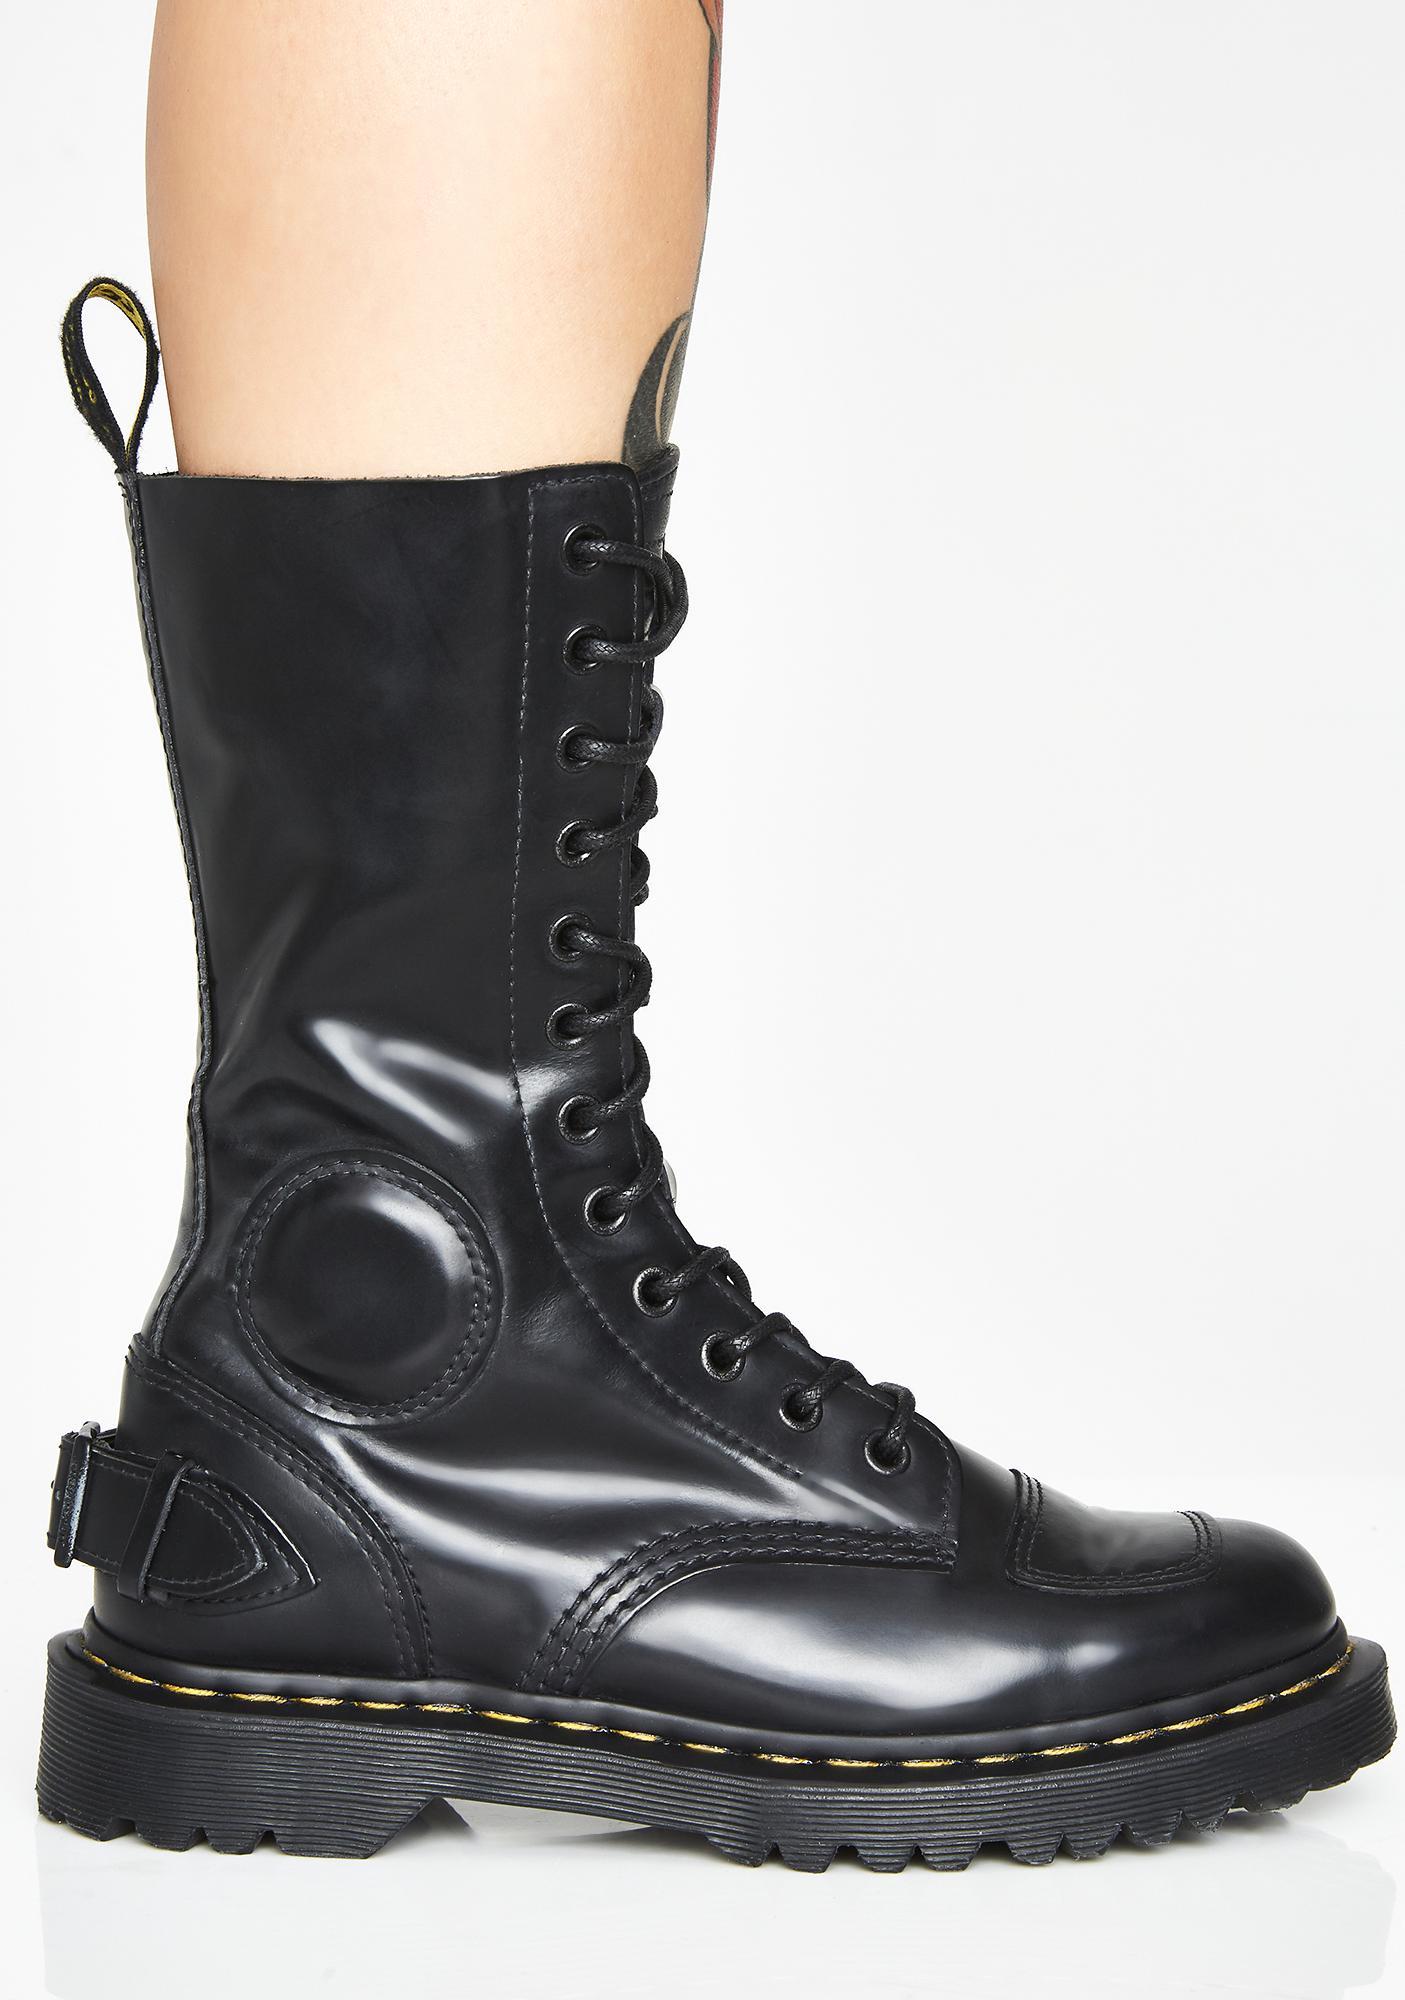 ... Dr. Martens Neilson Combat Boots ... 0009dbaa5aa6